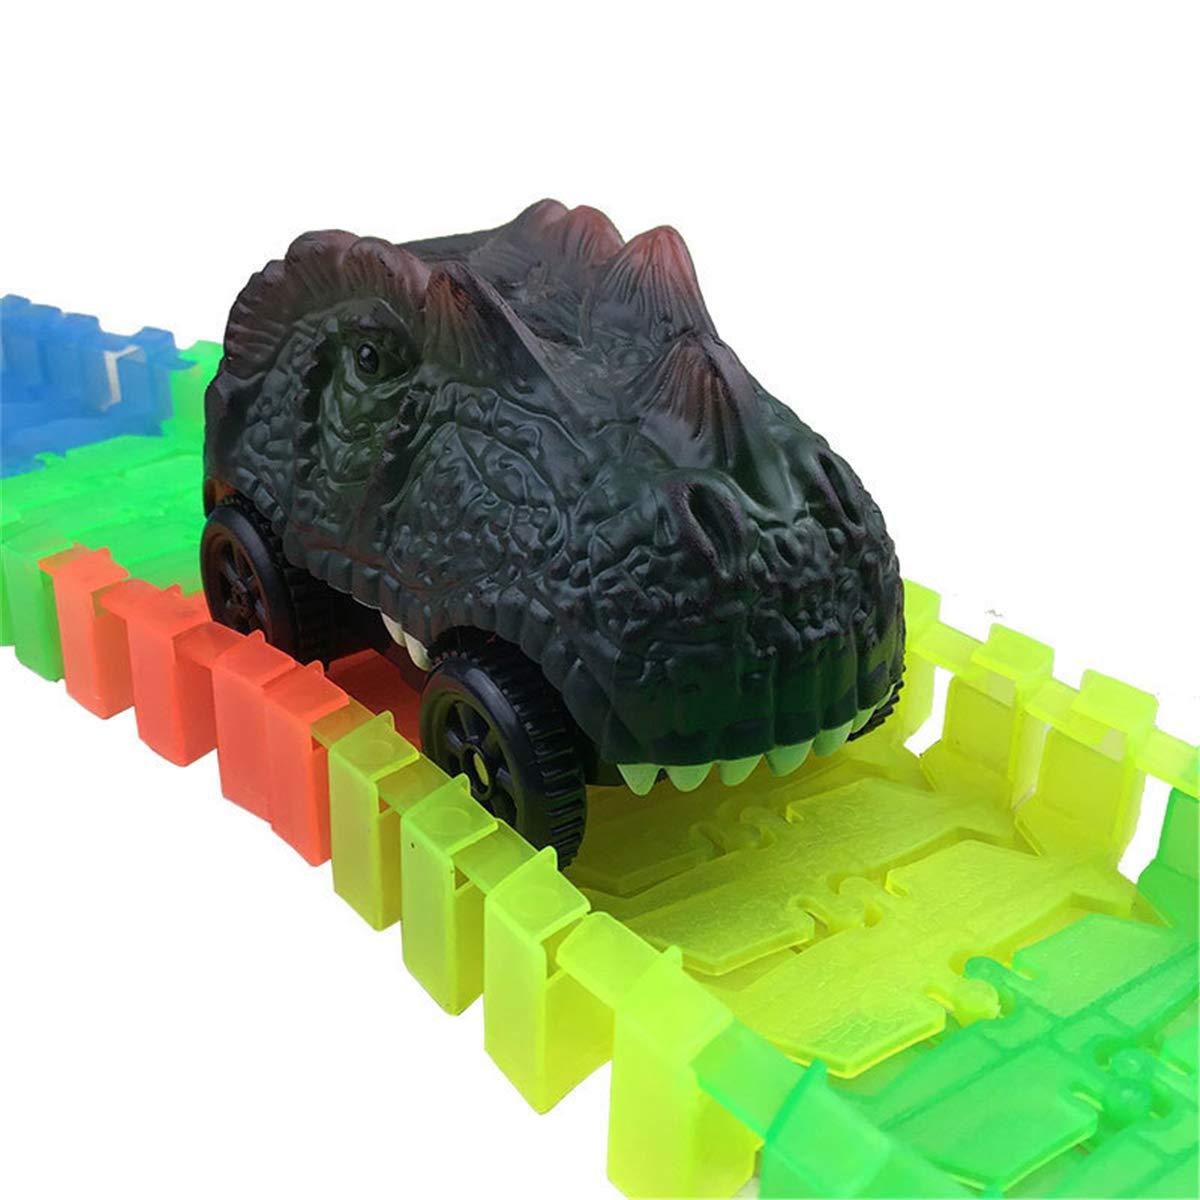 siwetg Coches de Pista de Dinosaurio compatibles con Pistas m/ágicas y Neo Tracks Accesorios de Pista de Carreras con 3 Luces LED Intermitentes